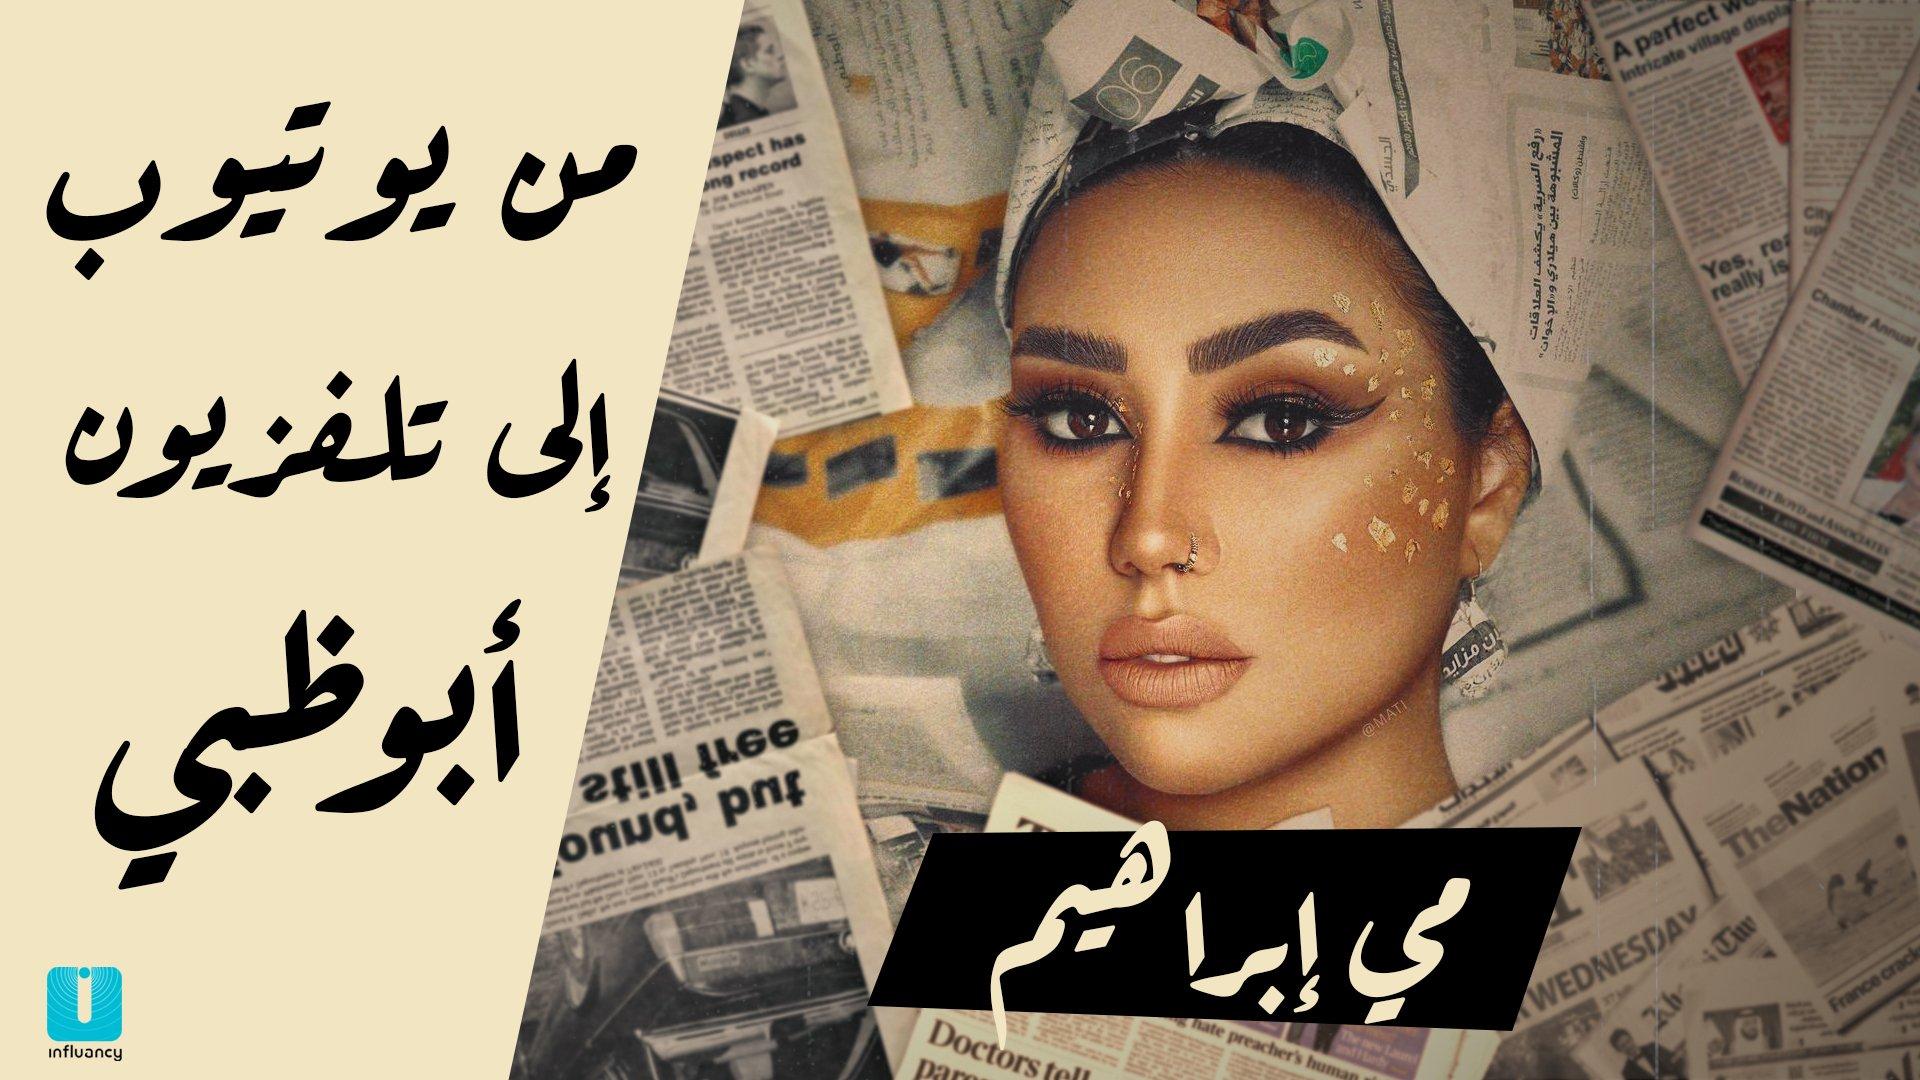 مي إبراهيم - من يوتيوب إلى الراديو والتلفزيون